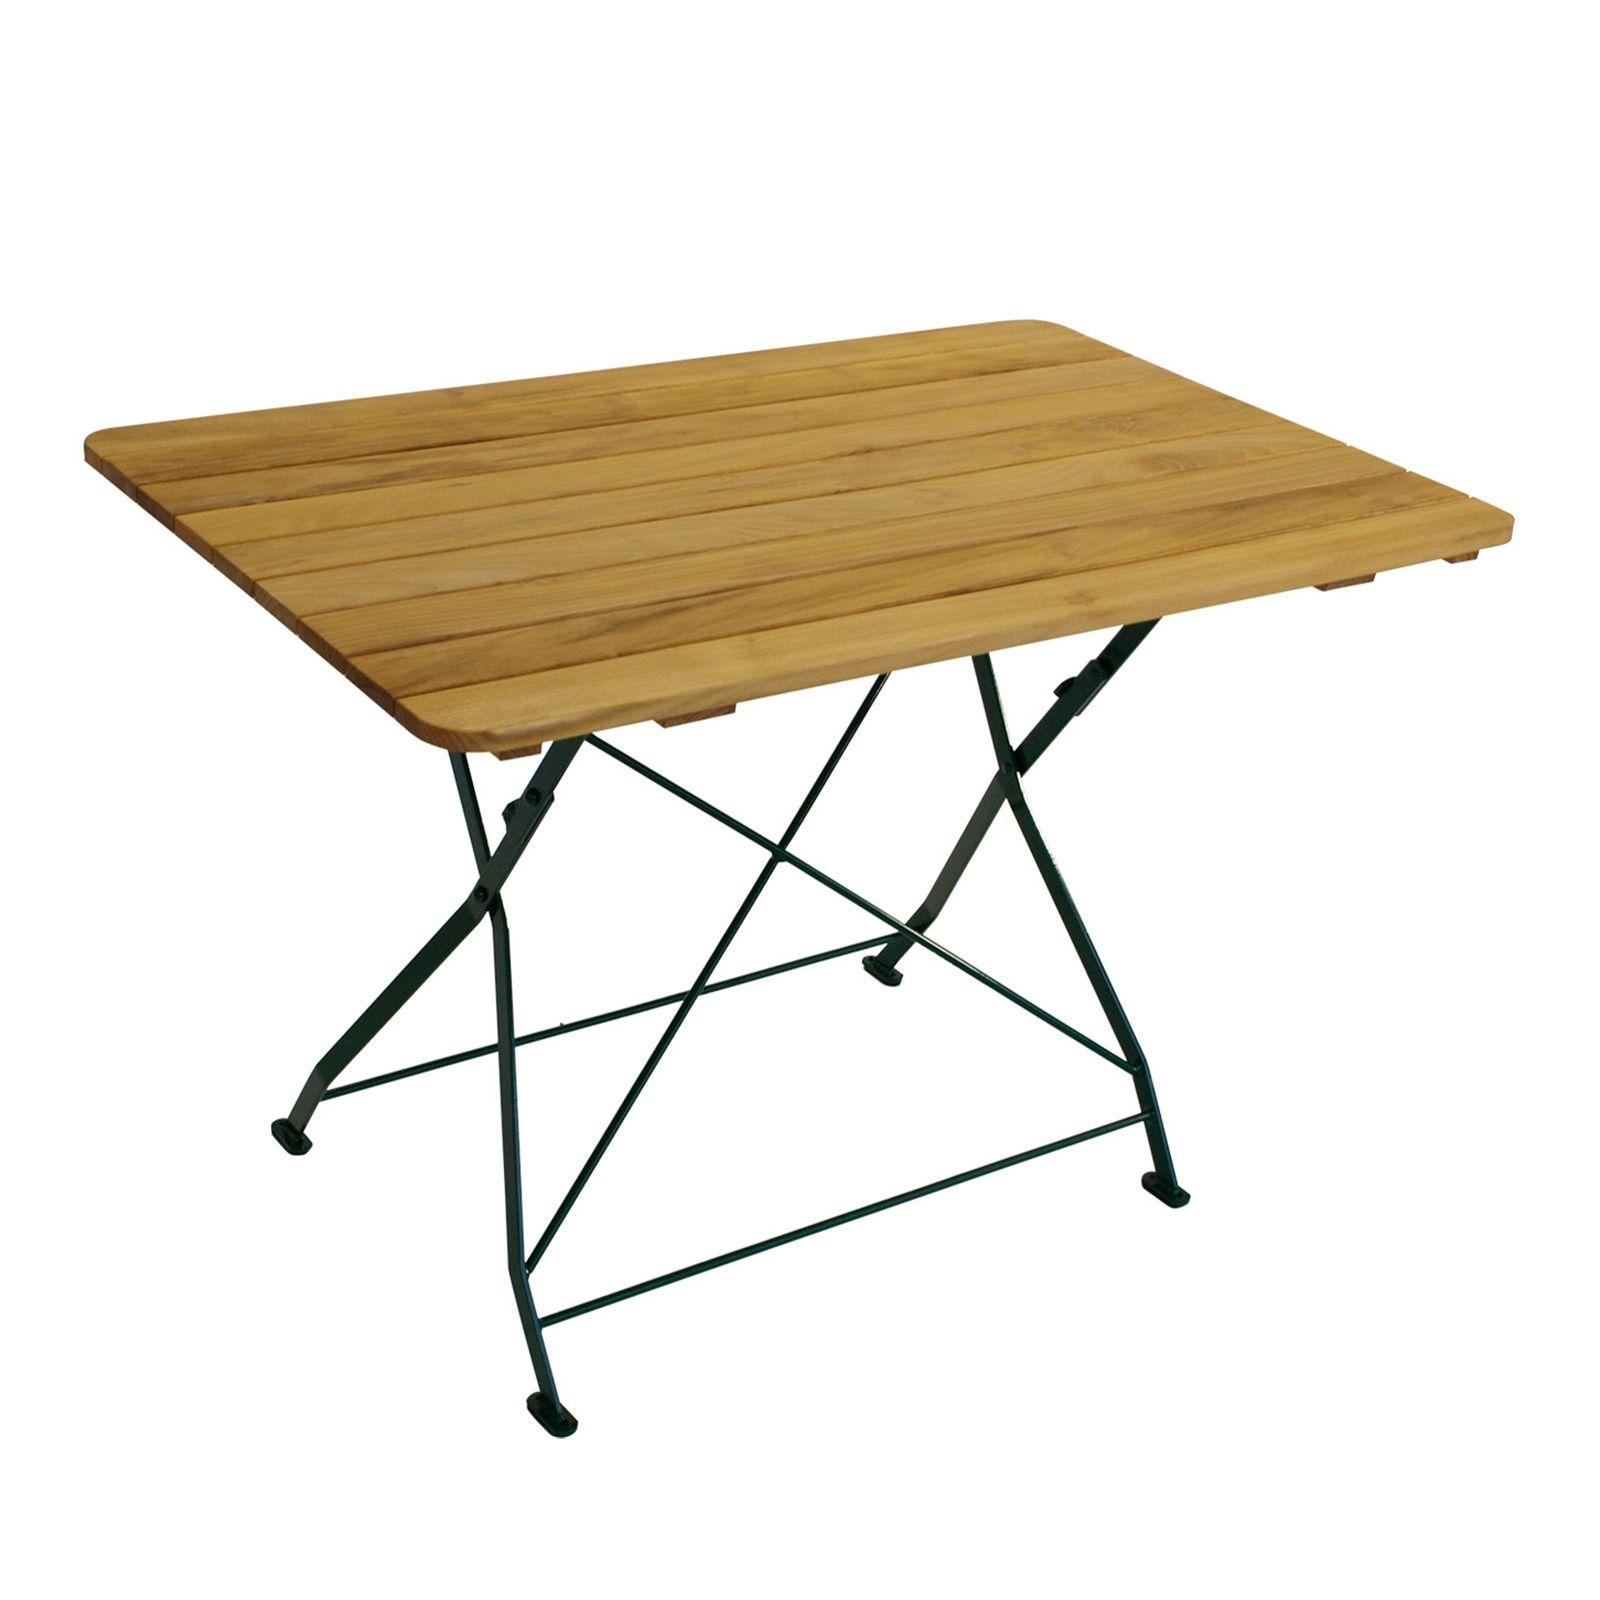 Parktischer Klapptisch Aus Robinie Holz Flachstahl In Grünem Gestell Tisch  Gartentisch 110x70x72cm Klappbar #tisch #